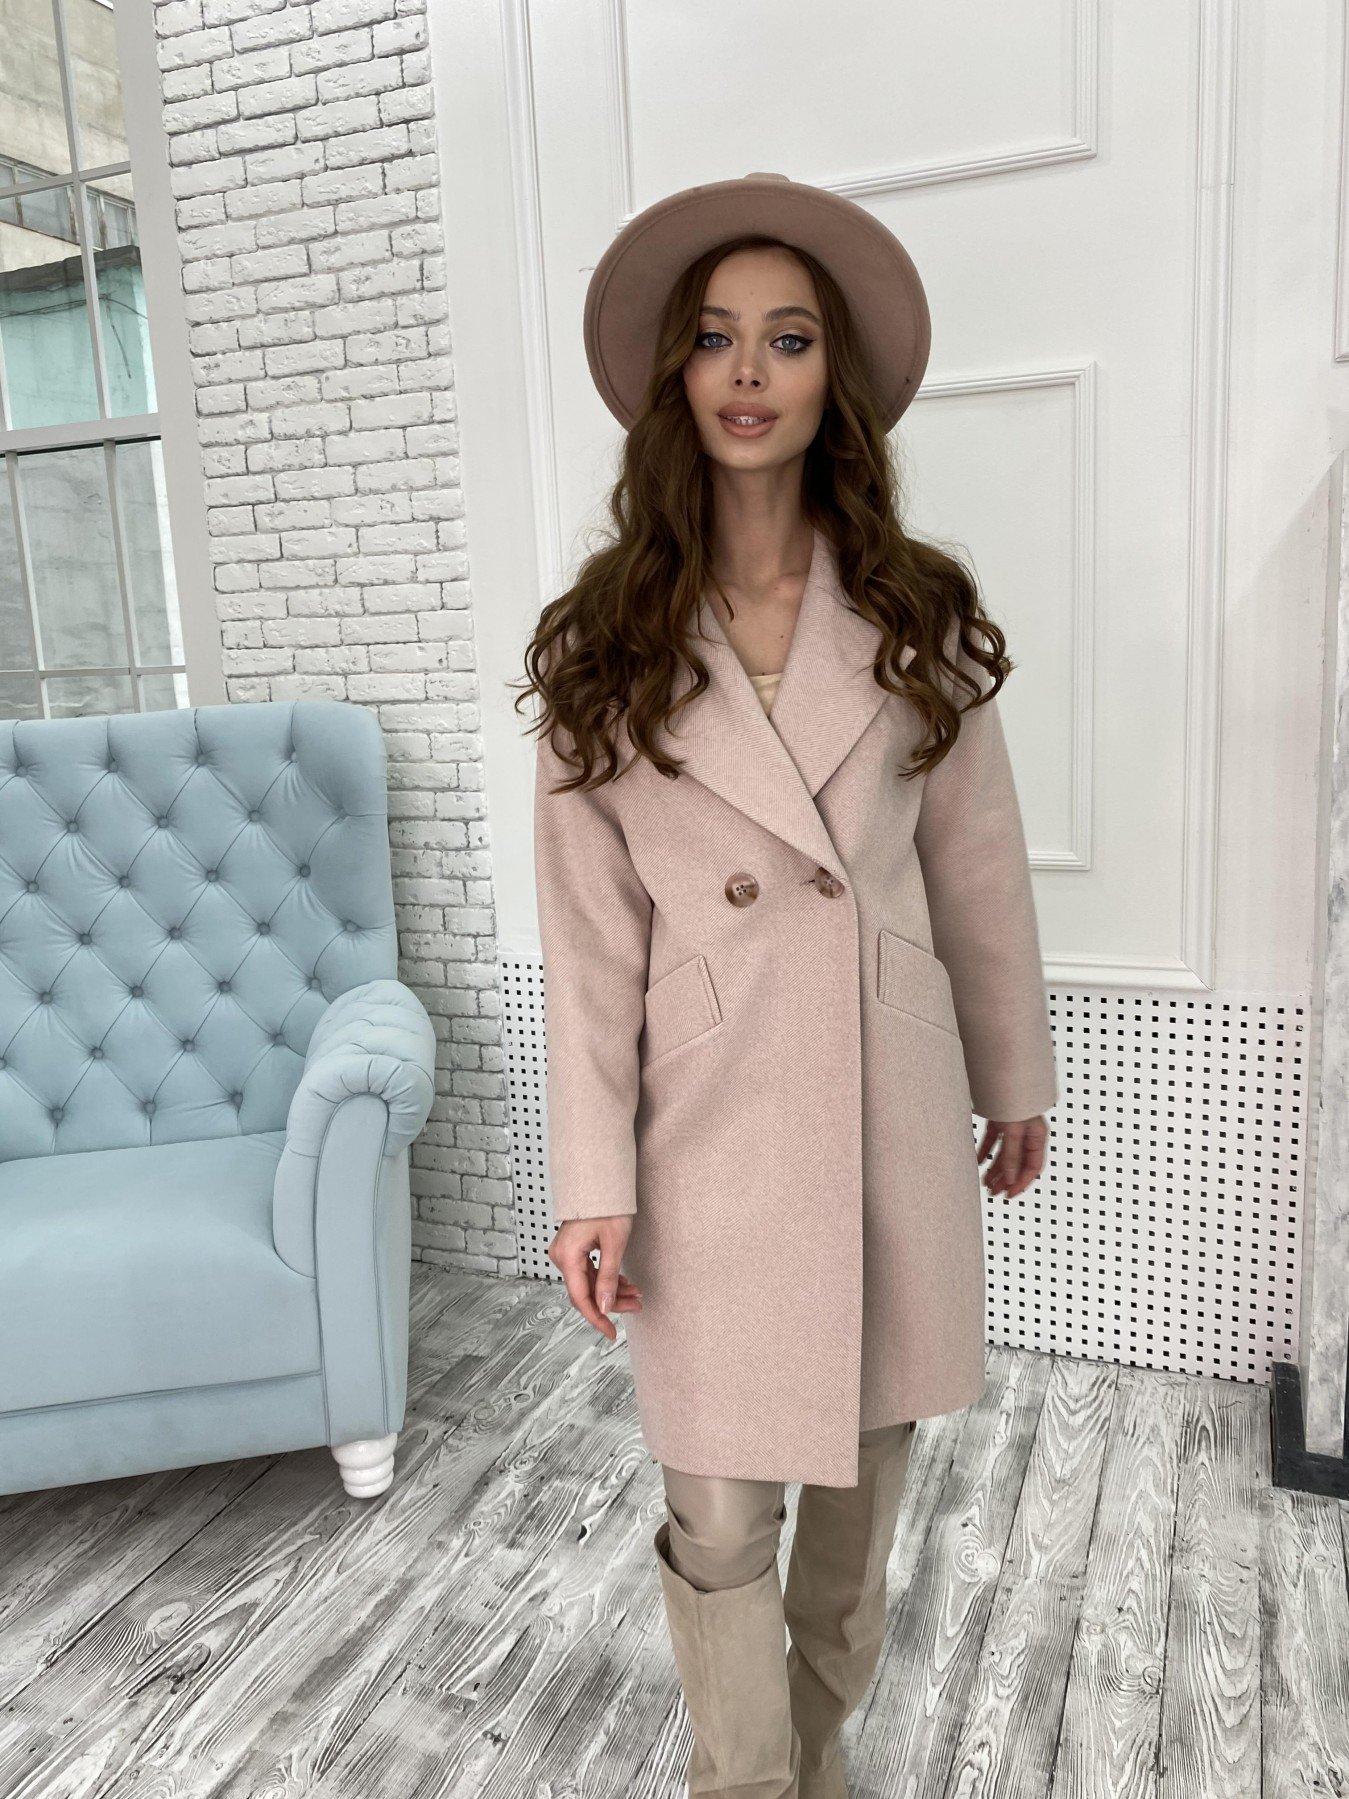 Сенсей Елка пальтовая ткань пальто 10791 АРТ. 47273 Цвет: Пудра - фото 5, интернет магазин tm-modus.ru